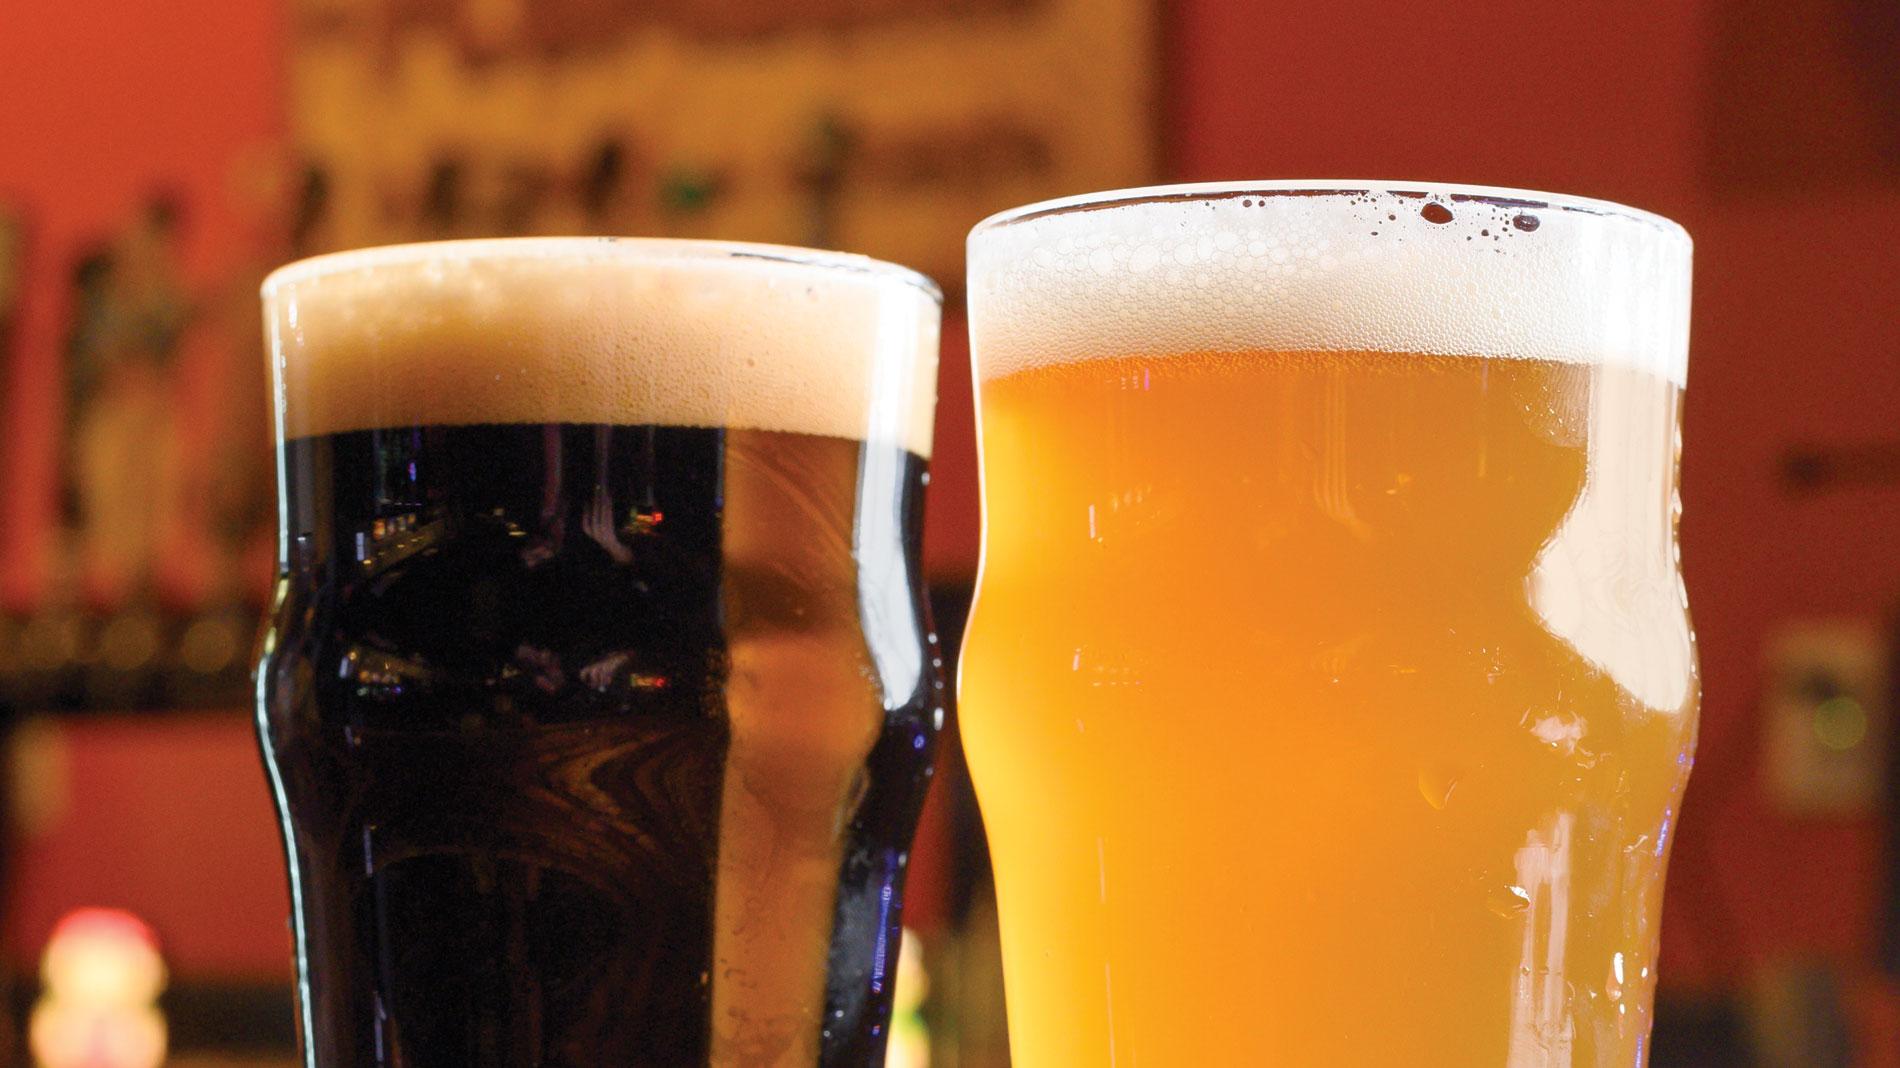 Tras la realización de la degustación organizada por la Asociación de Cerveceros de Berisso, el presidente de la institución, Gabriel Montenegro, se refirió a la actividad, los resultados y a las dificultades que atraviesan en el marco de la crisis económica.